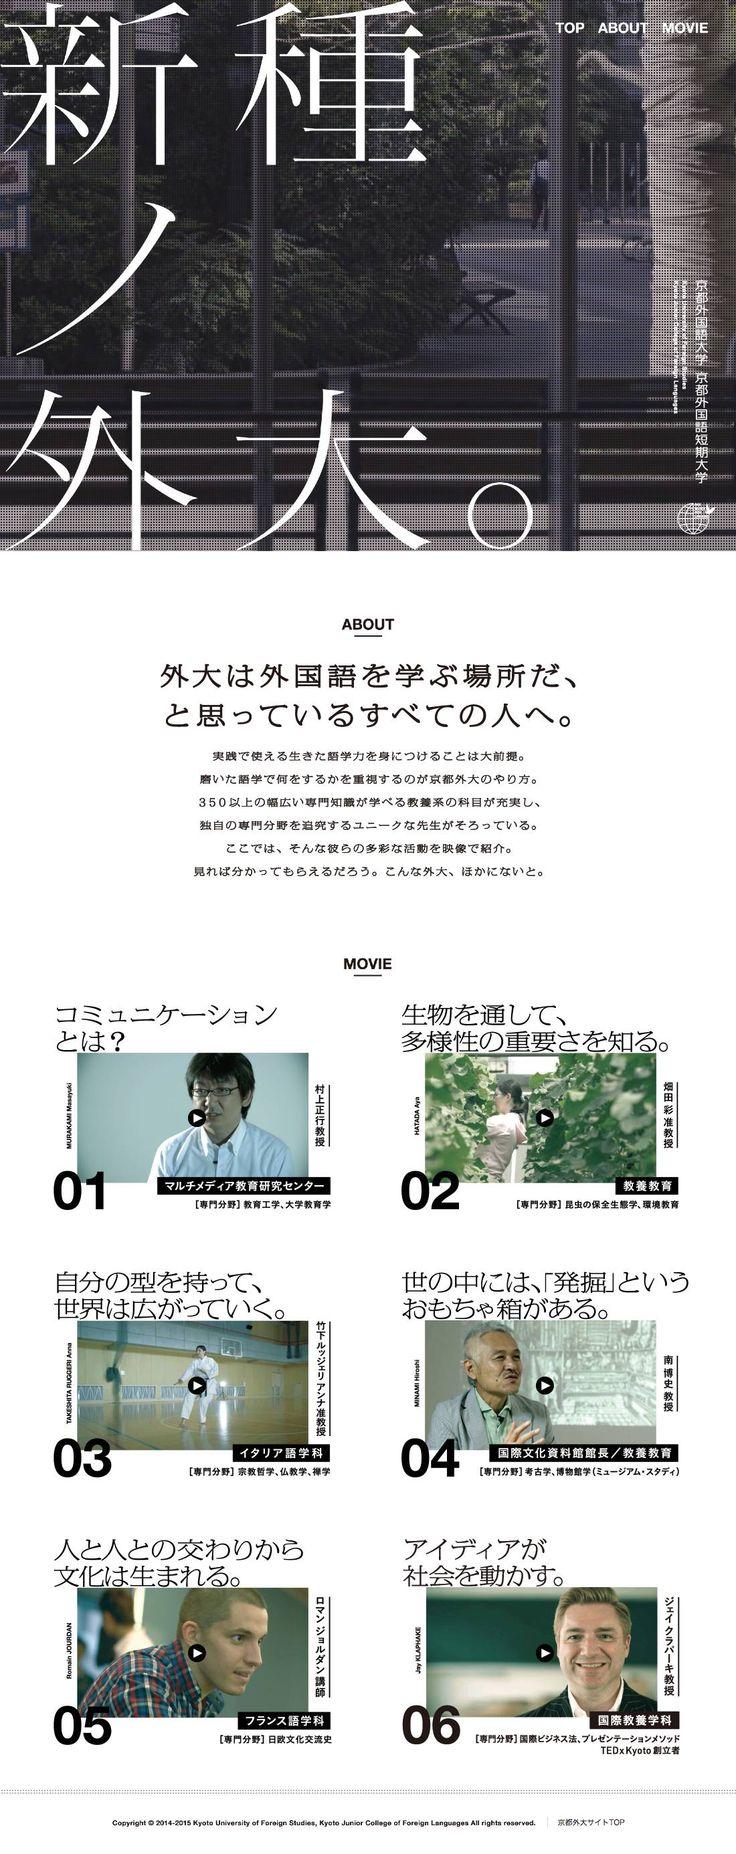 http://www.kufs.ac.jp/sp_movie/